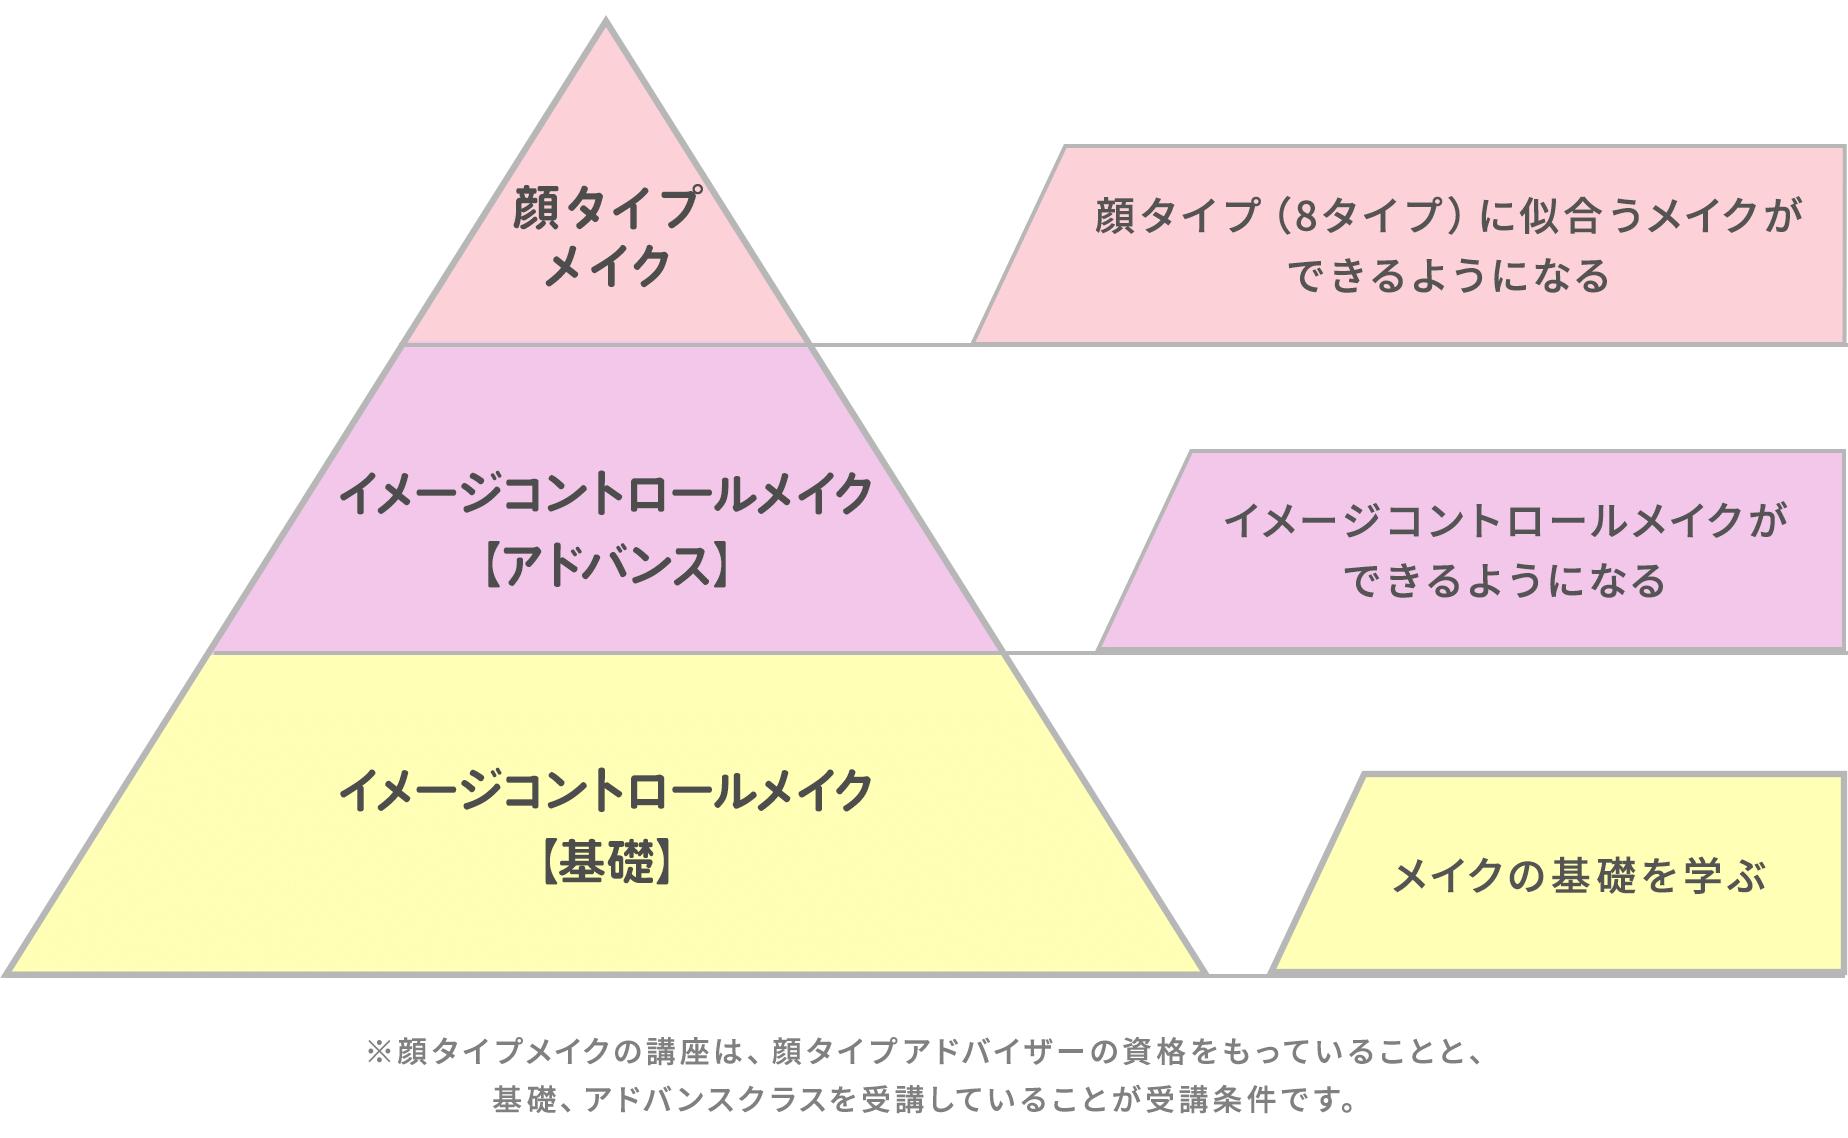 イメージコントロールメイクのピラミッド図